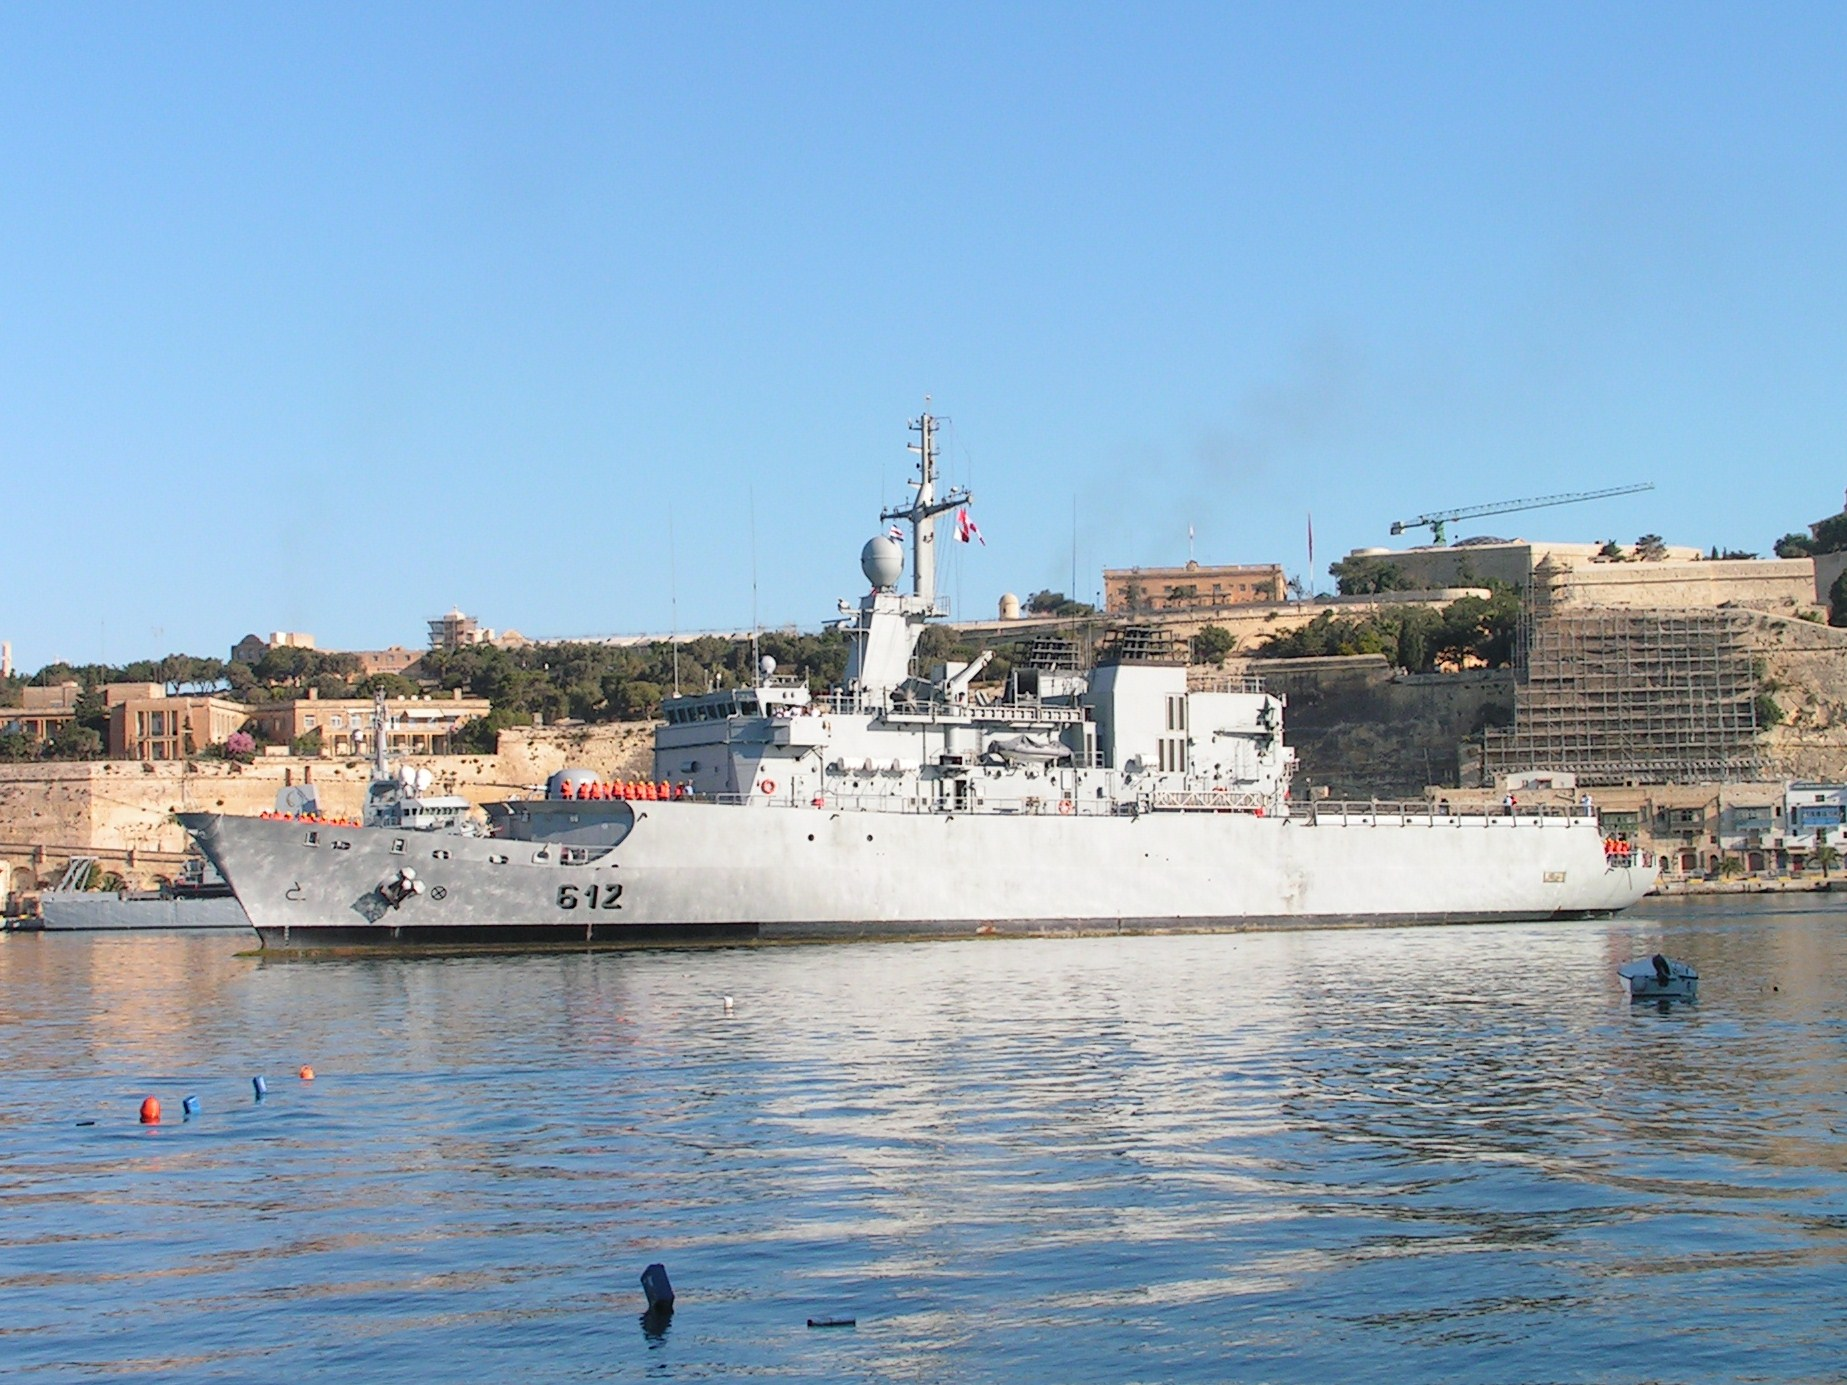 البحرية الملكية المغربية -شامل- - صفحة 12 14466601036_d7f3b67f98_o